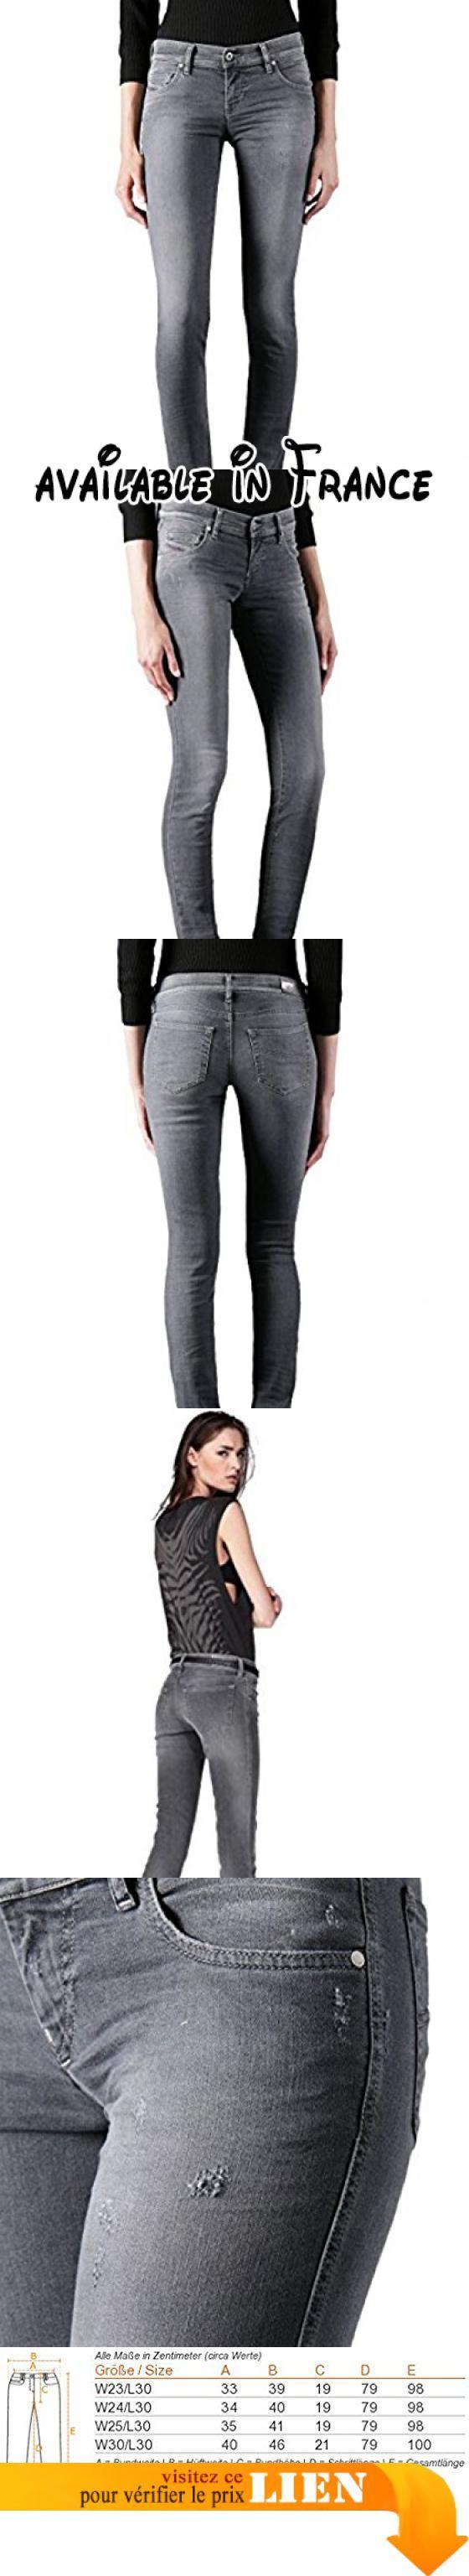 """Diesel Grupee 0667P Jeans pour femme Pantalons Slim Skinny (W24/L30, Grigio). Jeans élégant """"Grupee 0667P"""" par Diesel. Le modèle rocheux se manifeste dans le slim slim fit et attire tous les yeux. """"Grupee"""" est complété par le style classique à cinq poche, les boutons étiquetés ainsi qu'un patch en cuir sur la ceinture arrière. Une pièce à la mode pour les styles cool!. détails: • Super Slim Skinny • Collier normal • Basse taille • Style cinq poches •"""